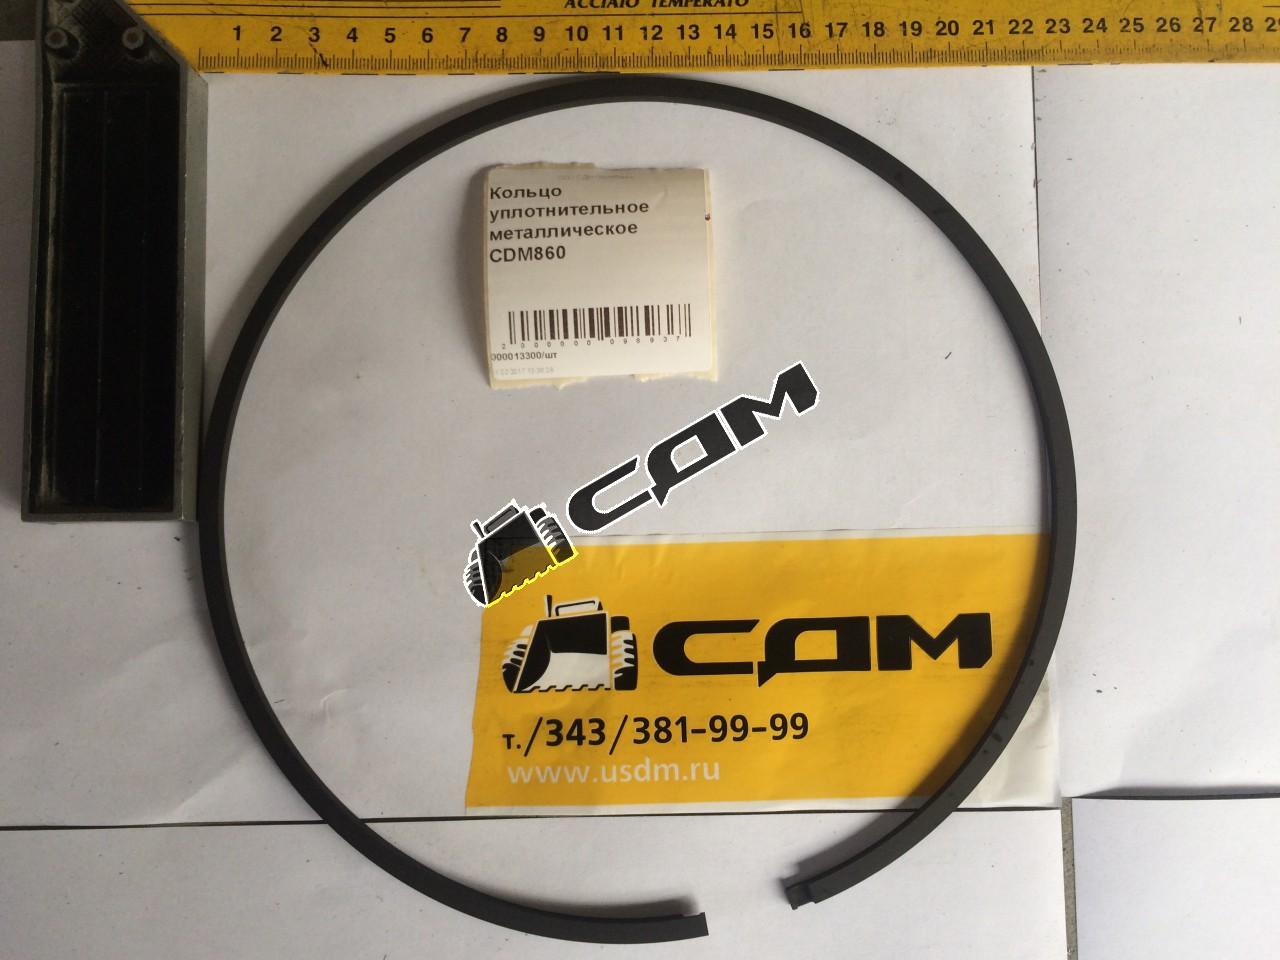 Кольцо уплотнительное металлическое CDM860 LGS18.03-074